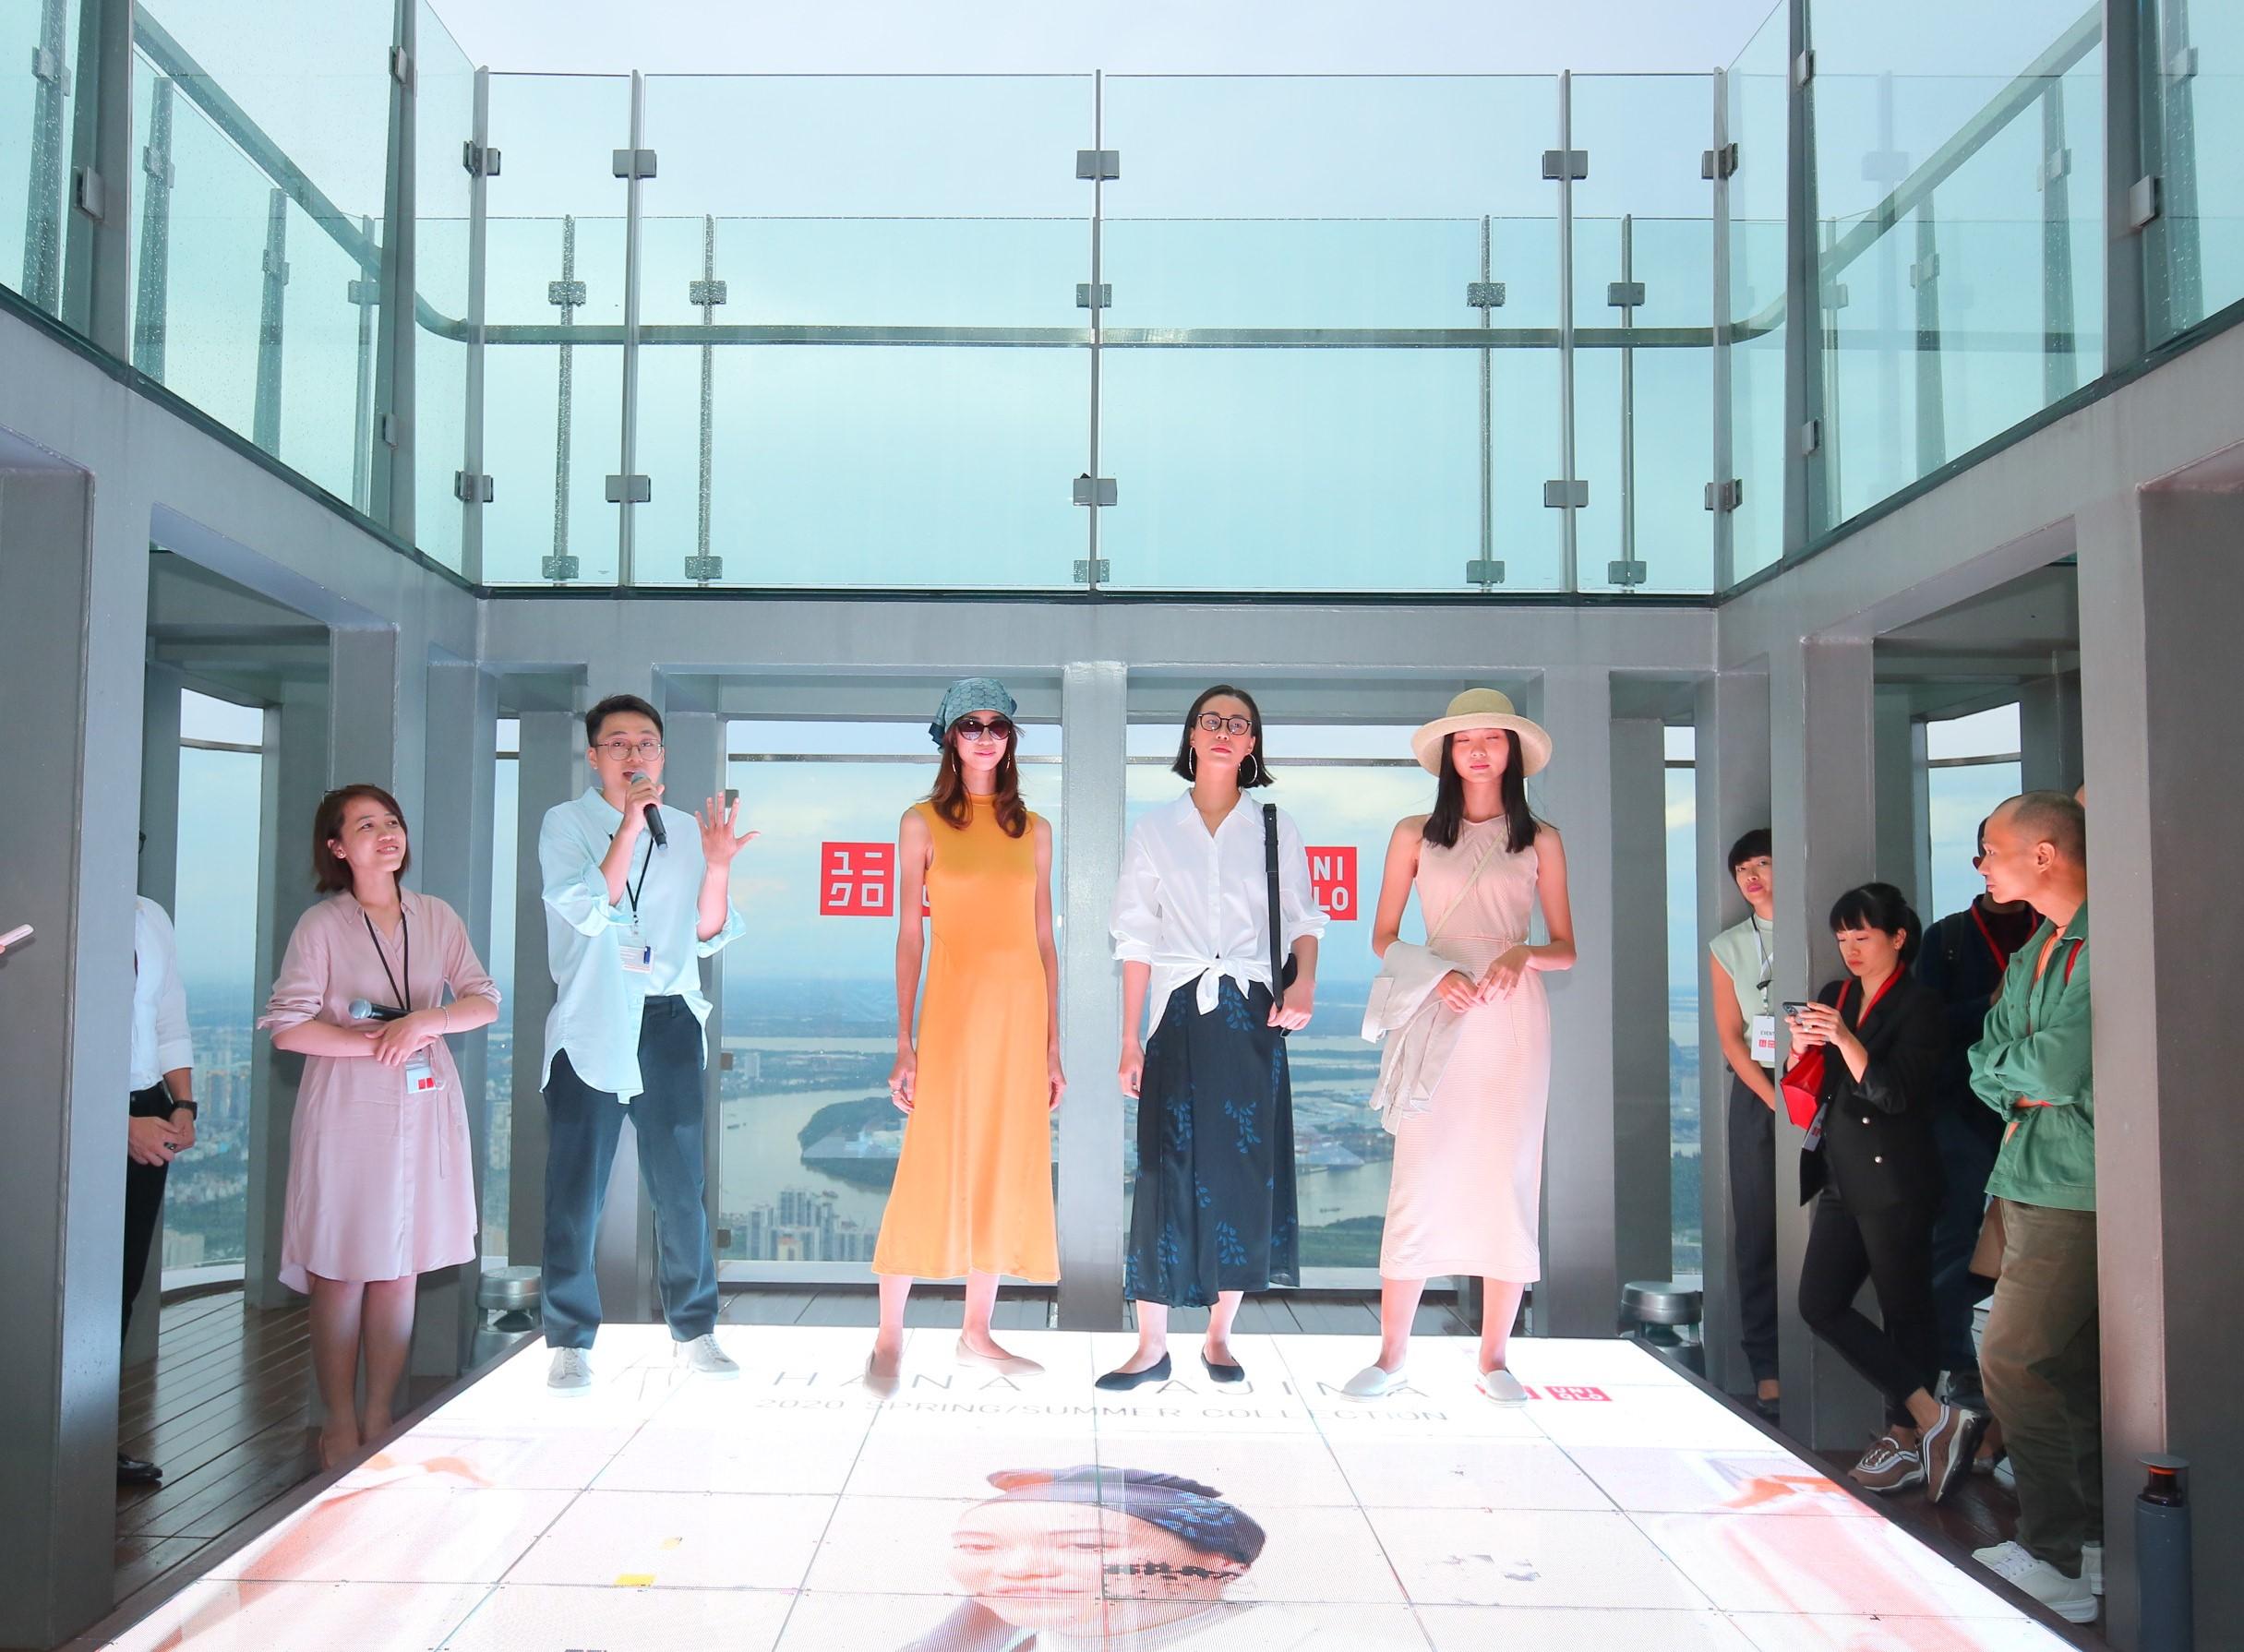 Cửa hàng mới hứa hẹn mang LifeWear đến gần hơn nữa đến các khách hàng tại Thành phố Hồ Chí Minh. - 5